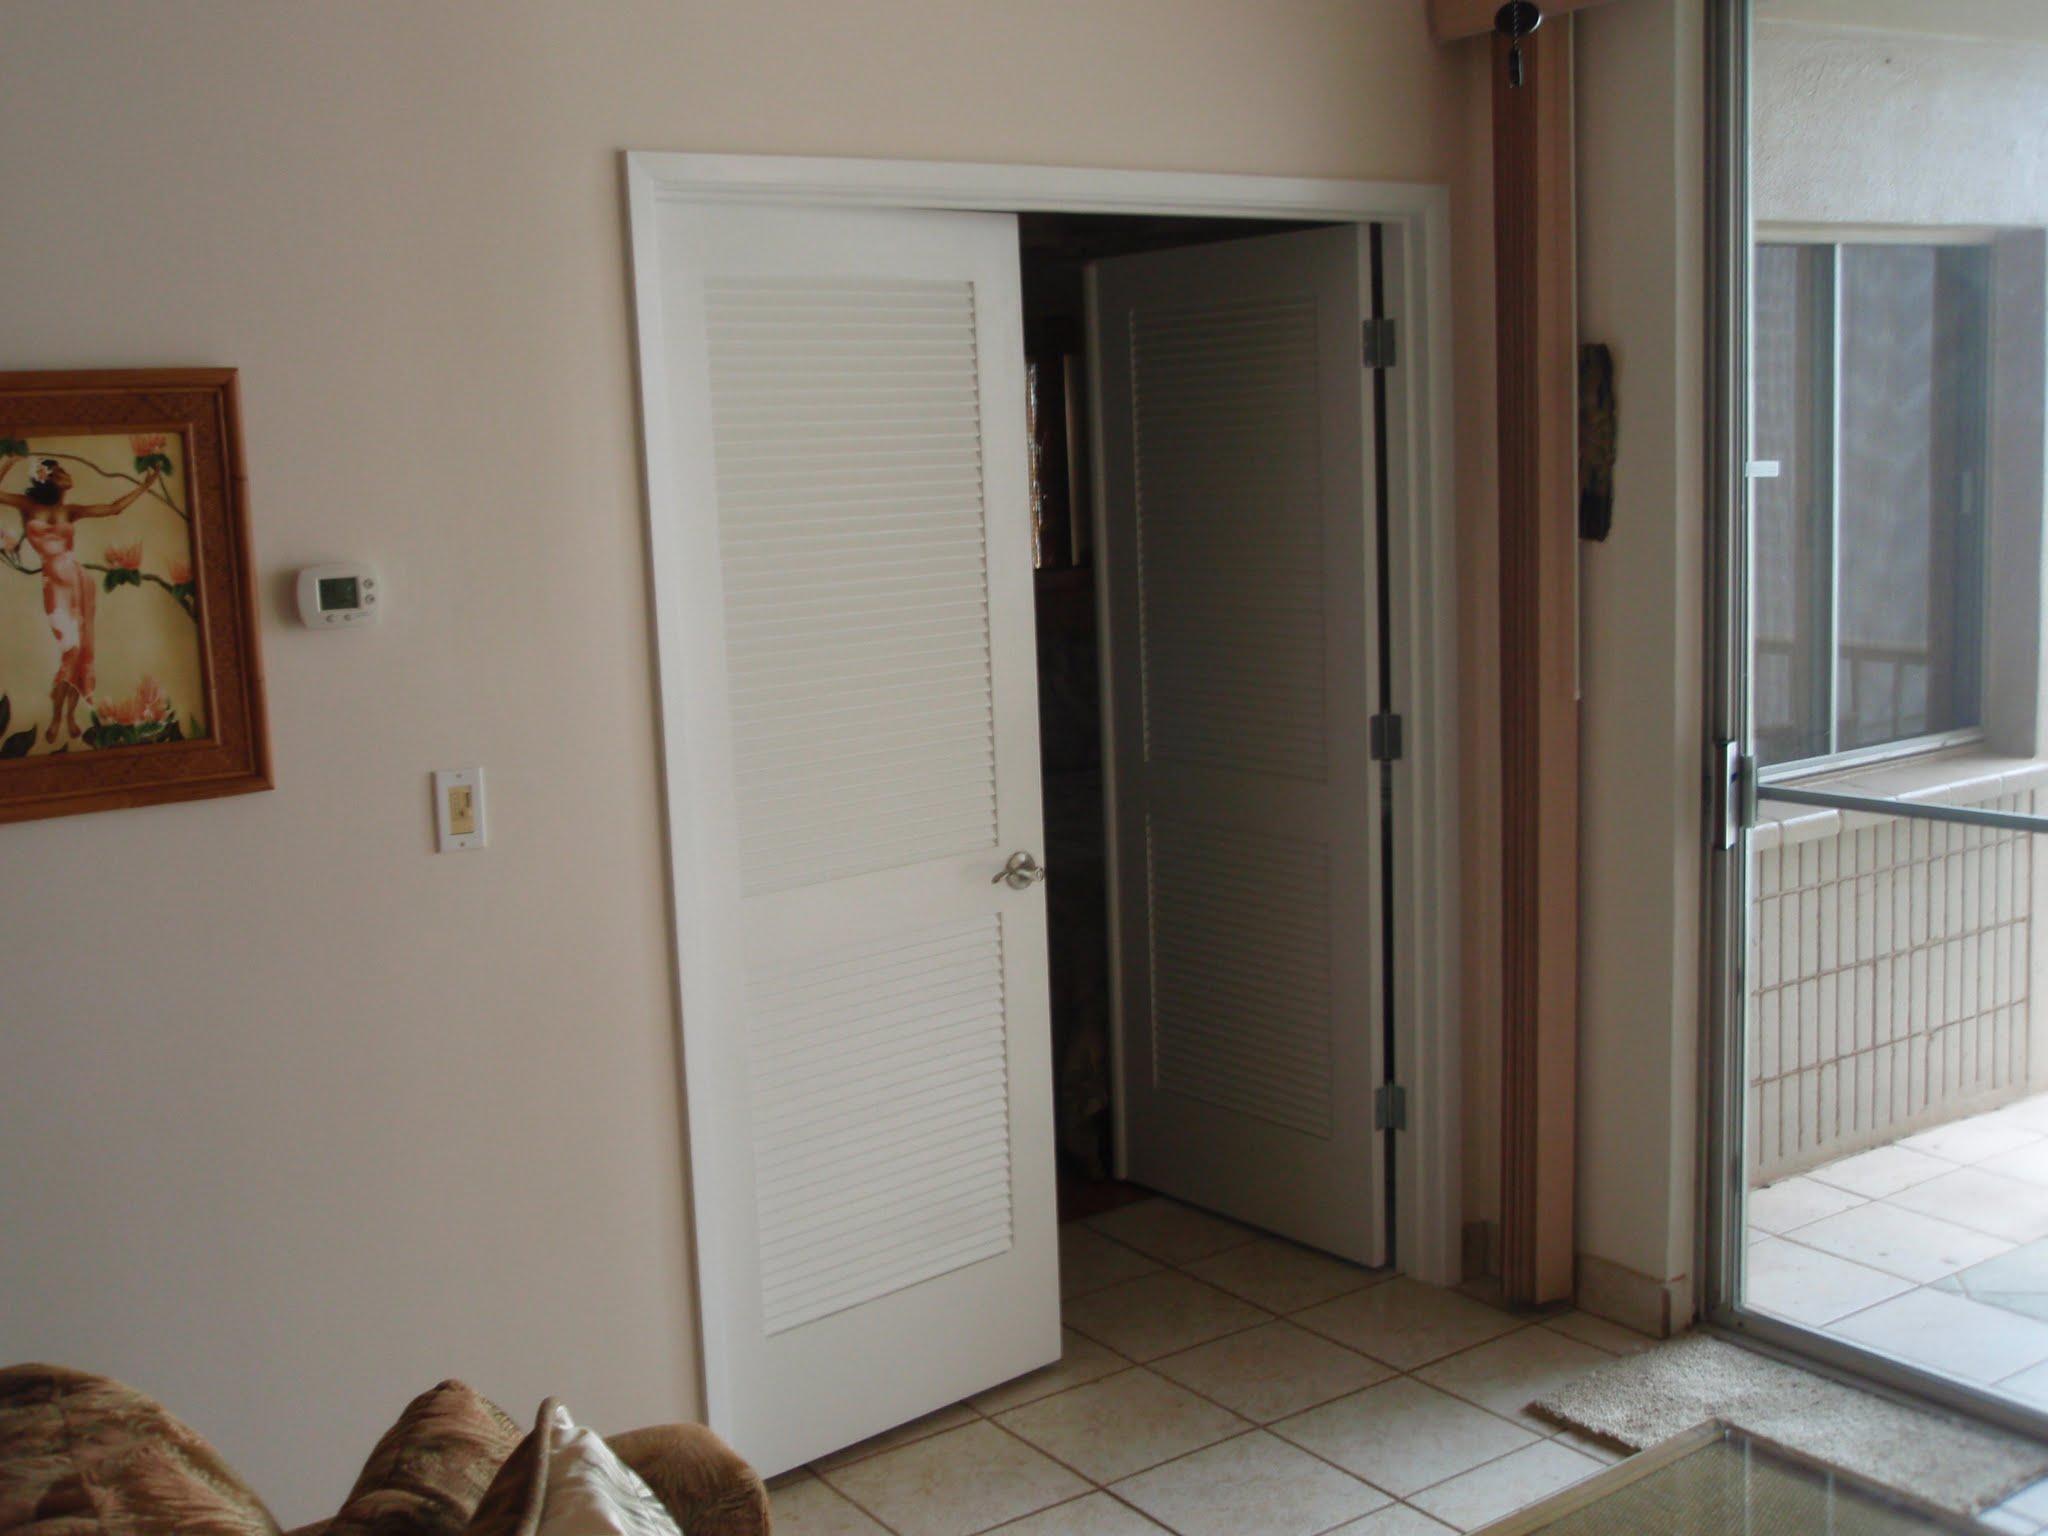 New bedroom entry doors